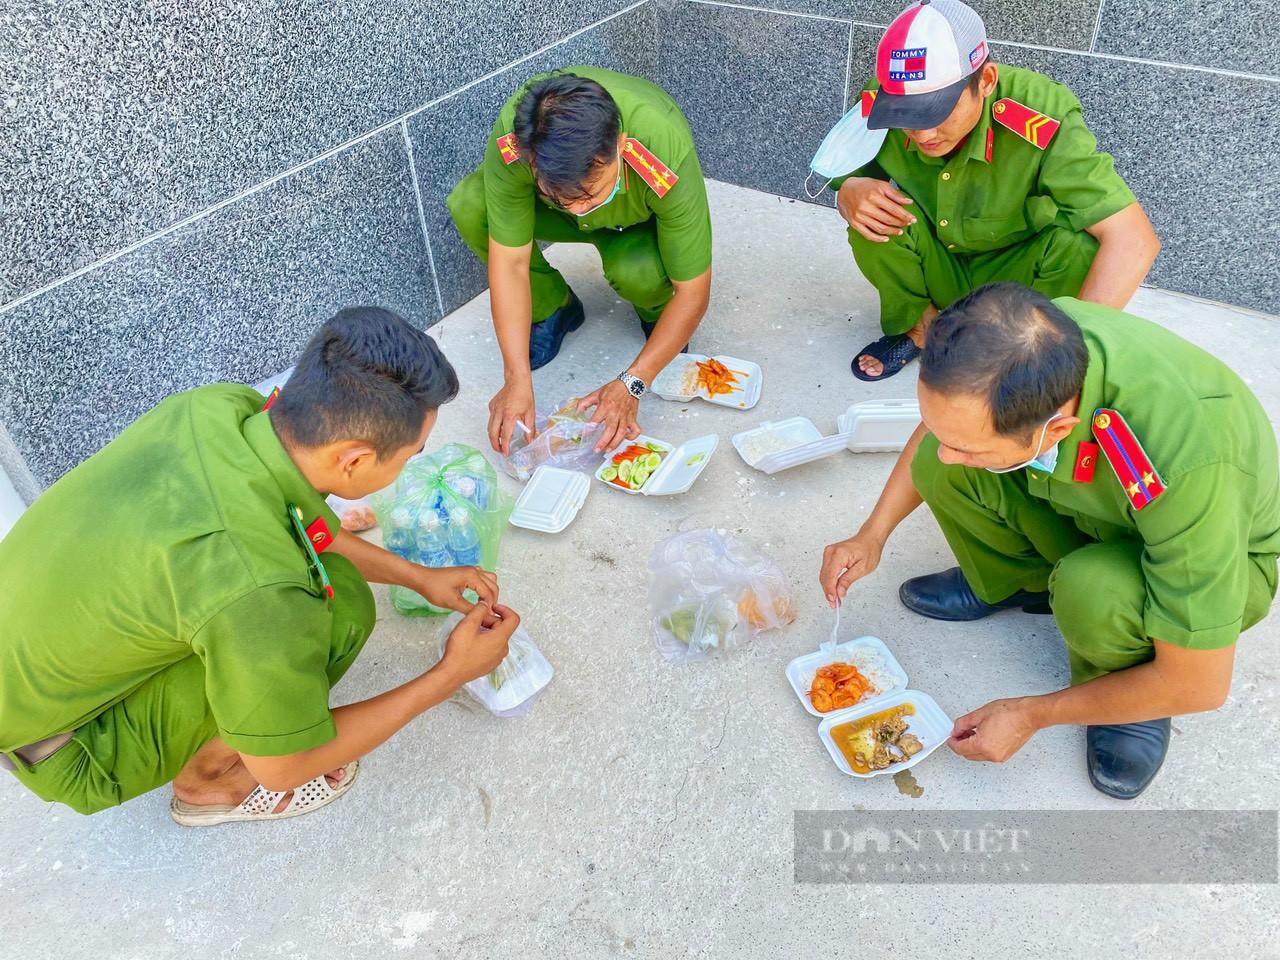 Công an huyện Giồng Riềng giúp nông dân tiêu thụ gần 180 tấn khoai lang - Ảnh 5.